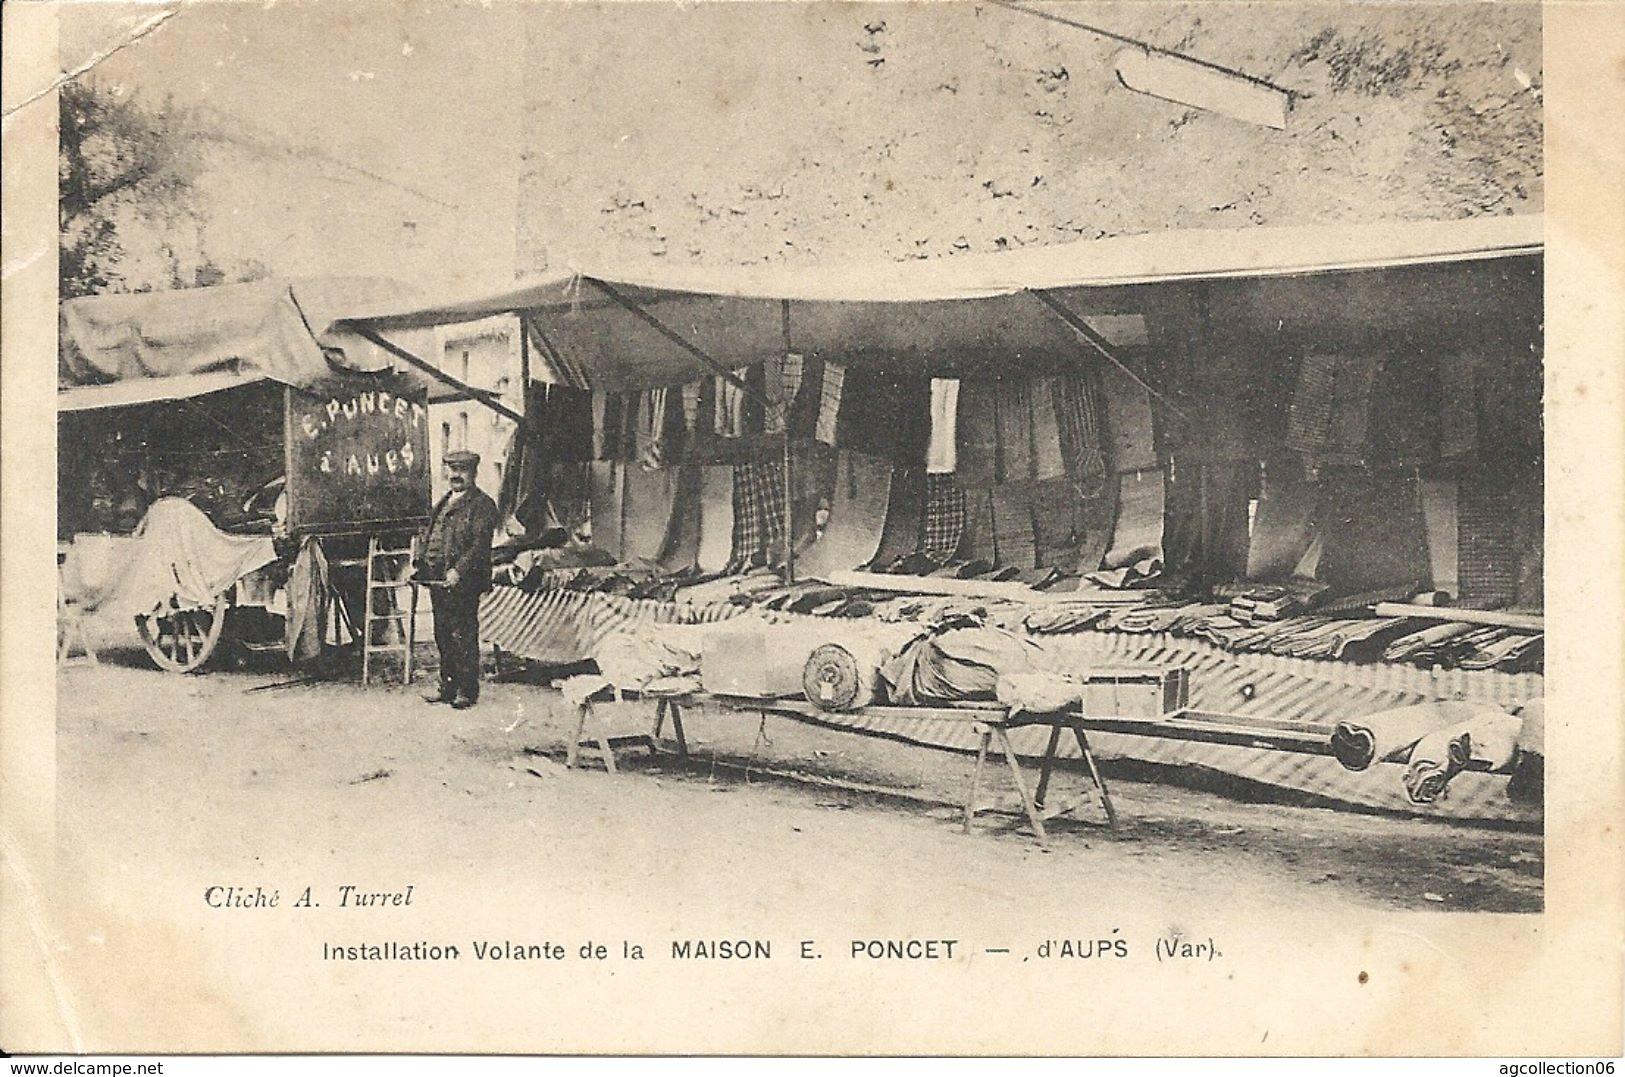 INSTALLATION VOLANTE DE LA MAISON E. PONCET - Aups